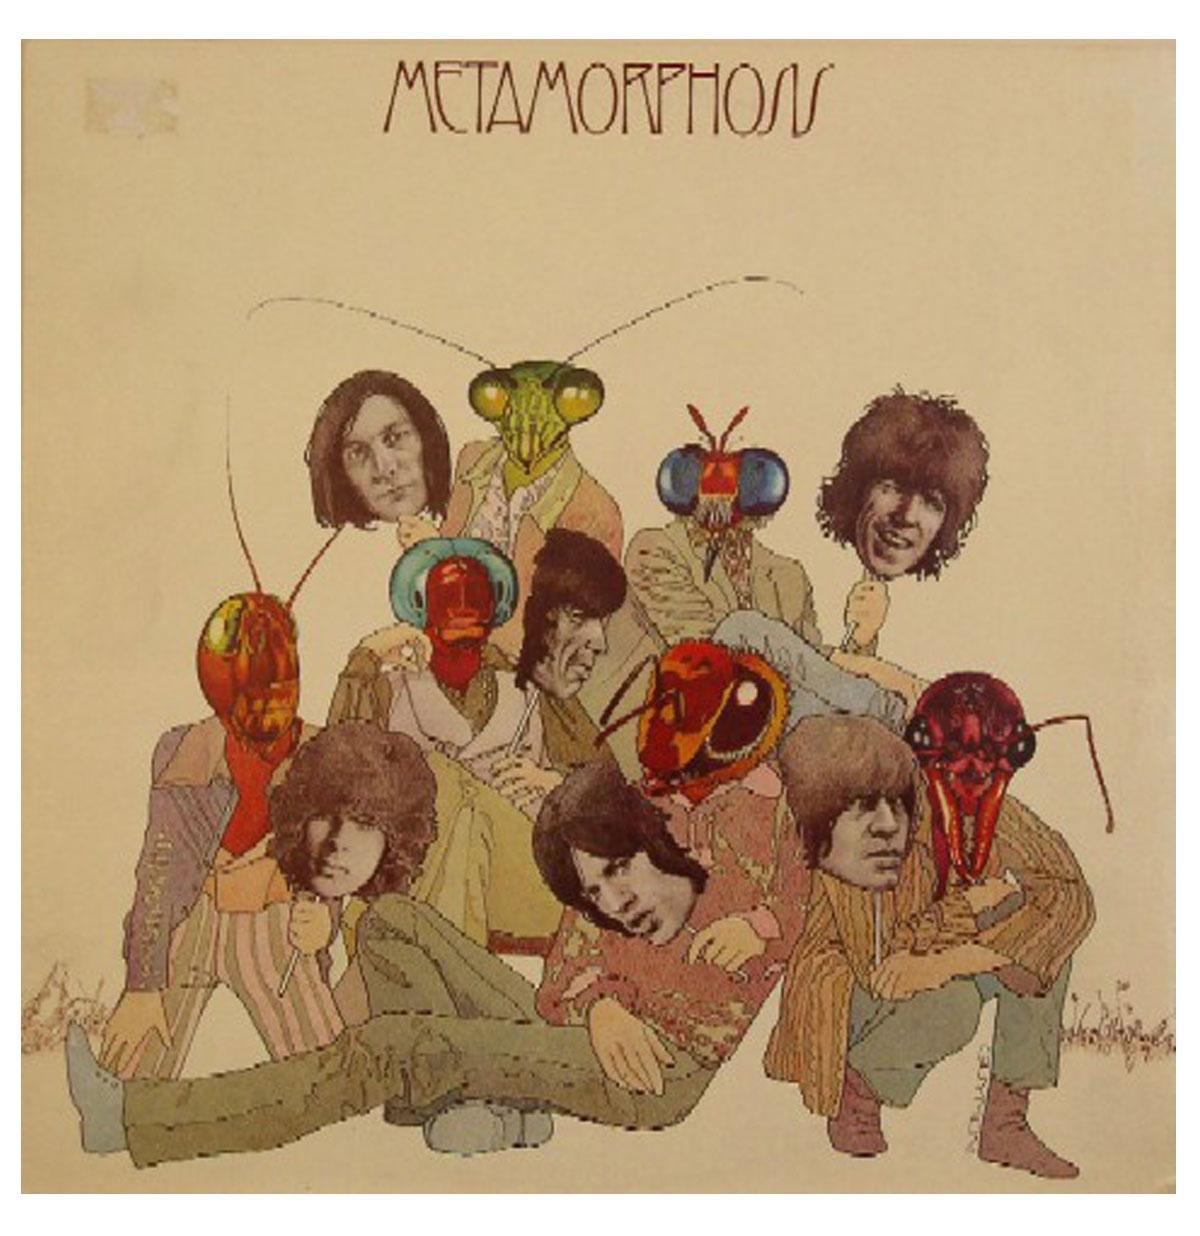 The Rolling Stones - Metamorphosis HQ LP